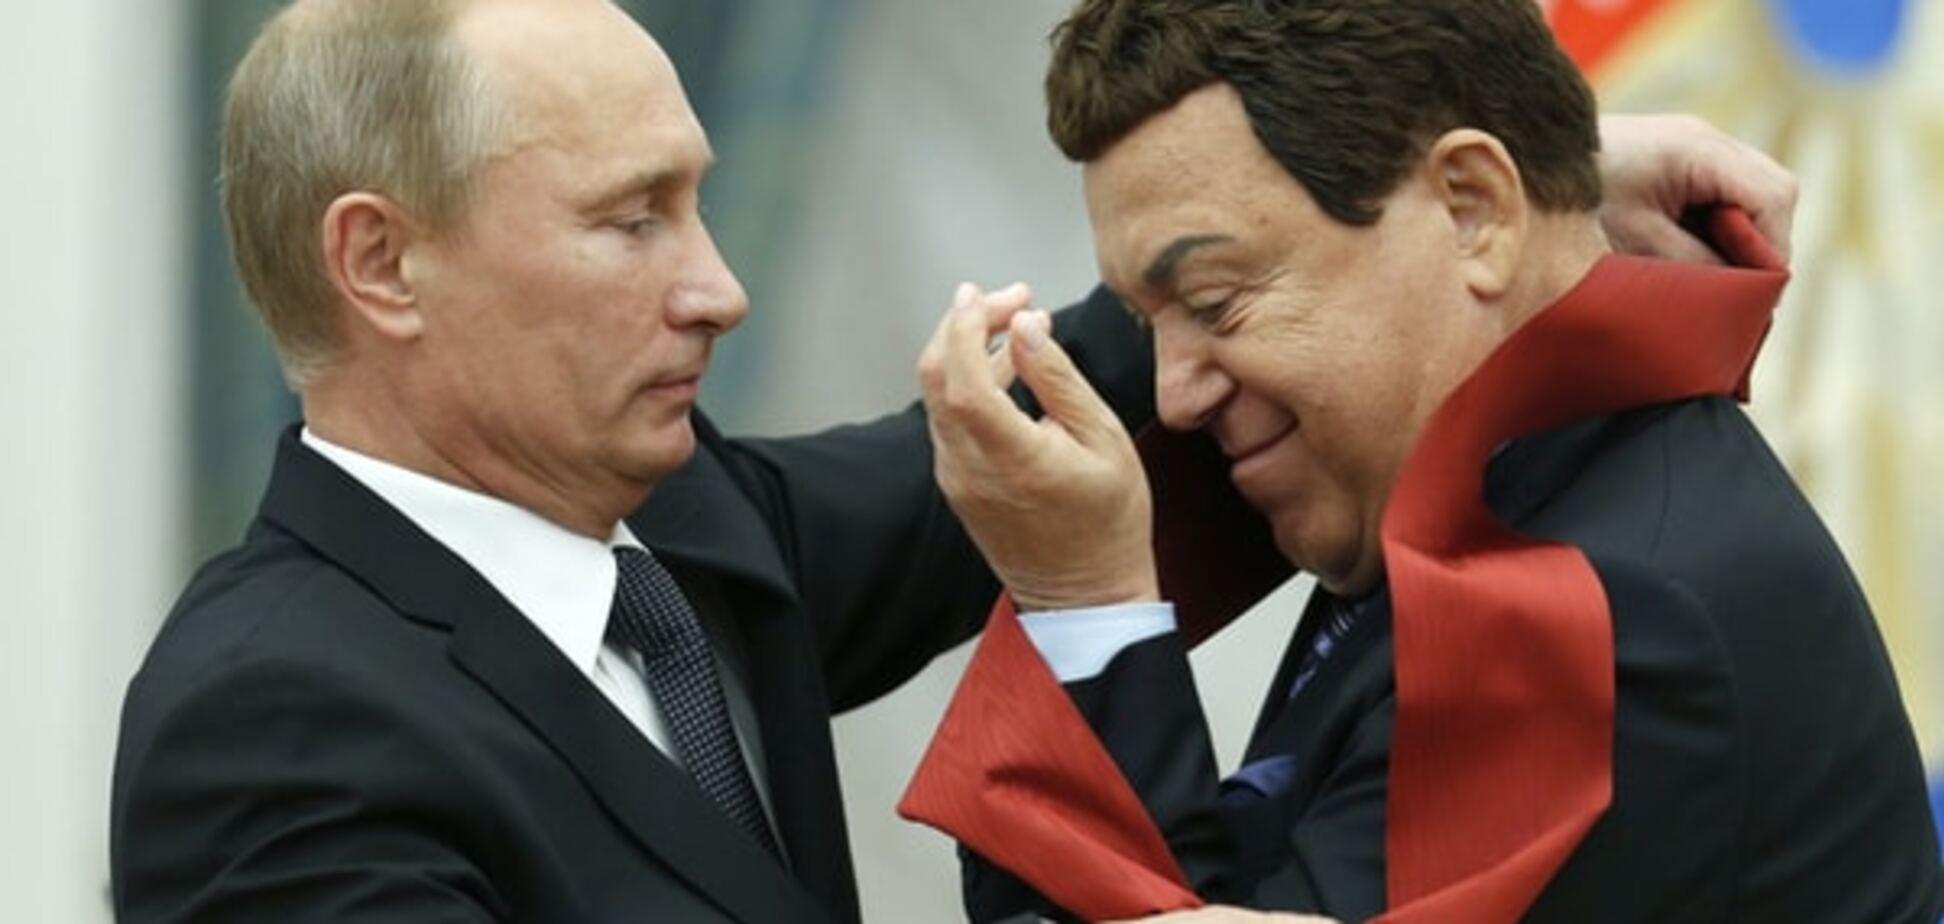 Путин забыл отпроситься: Кобзон призвал остановить дипотношения с США